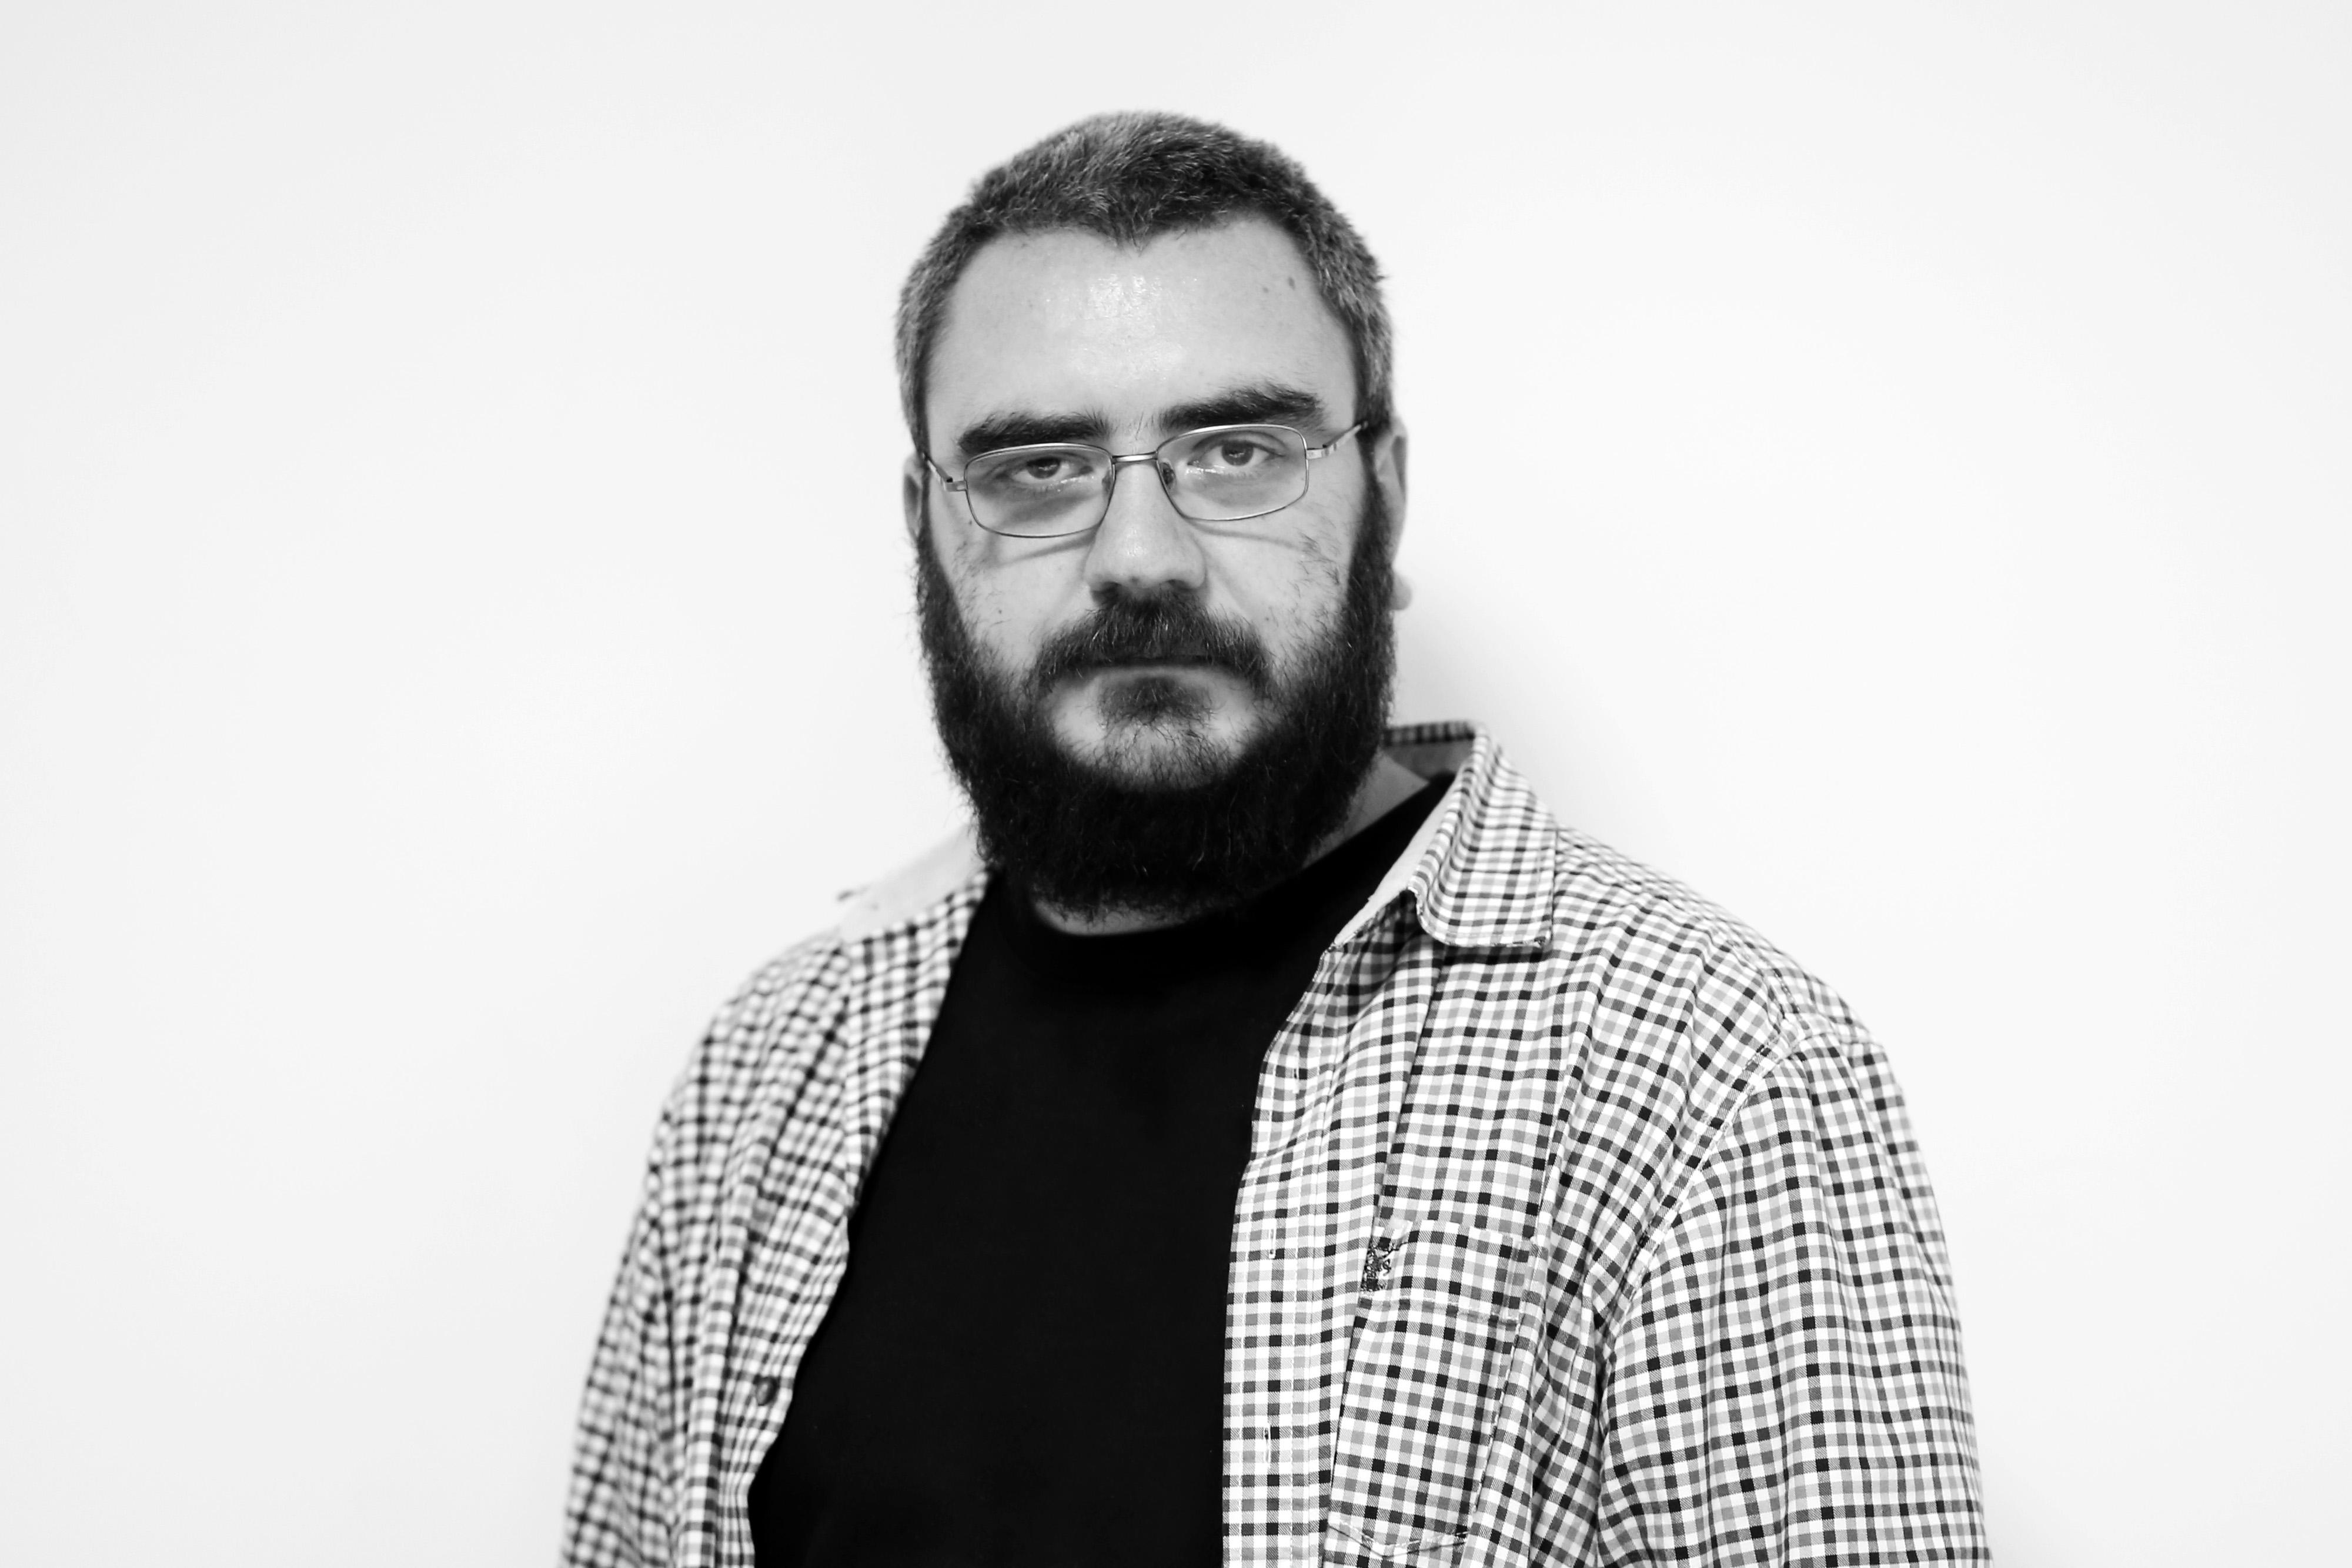 Mihai Christian Sandu